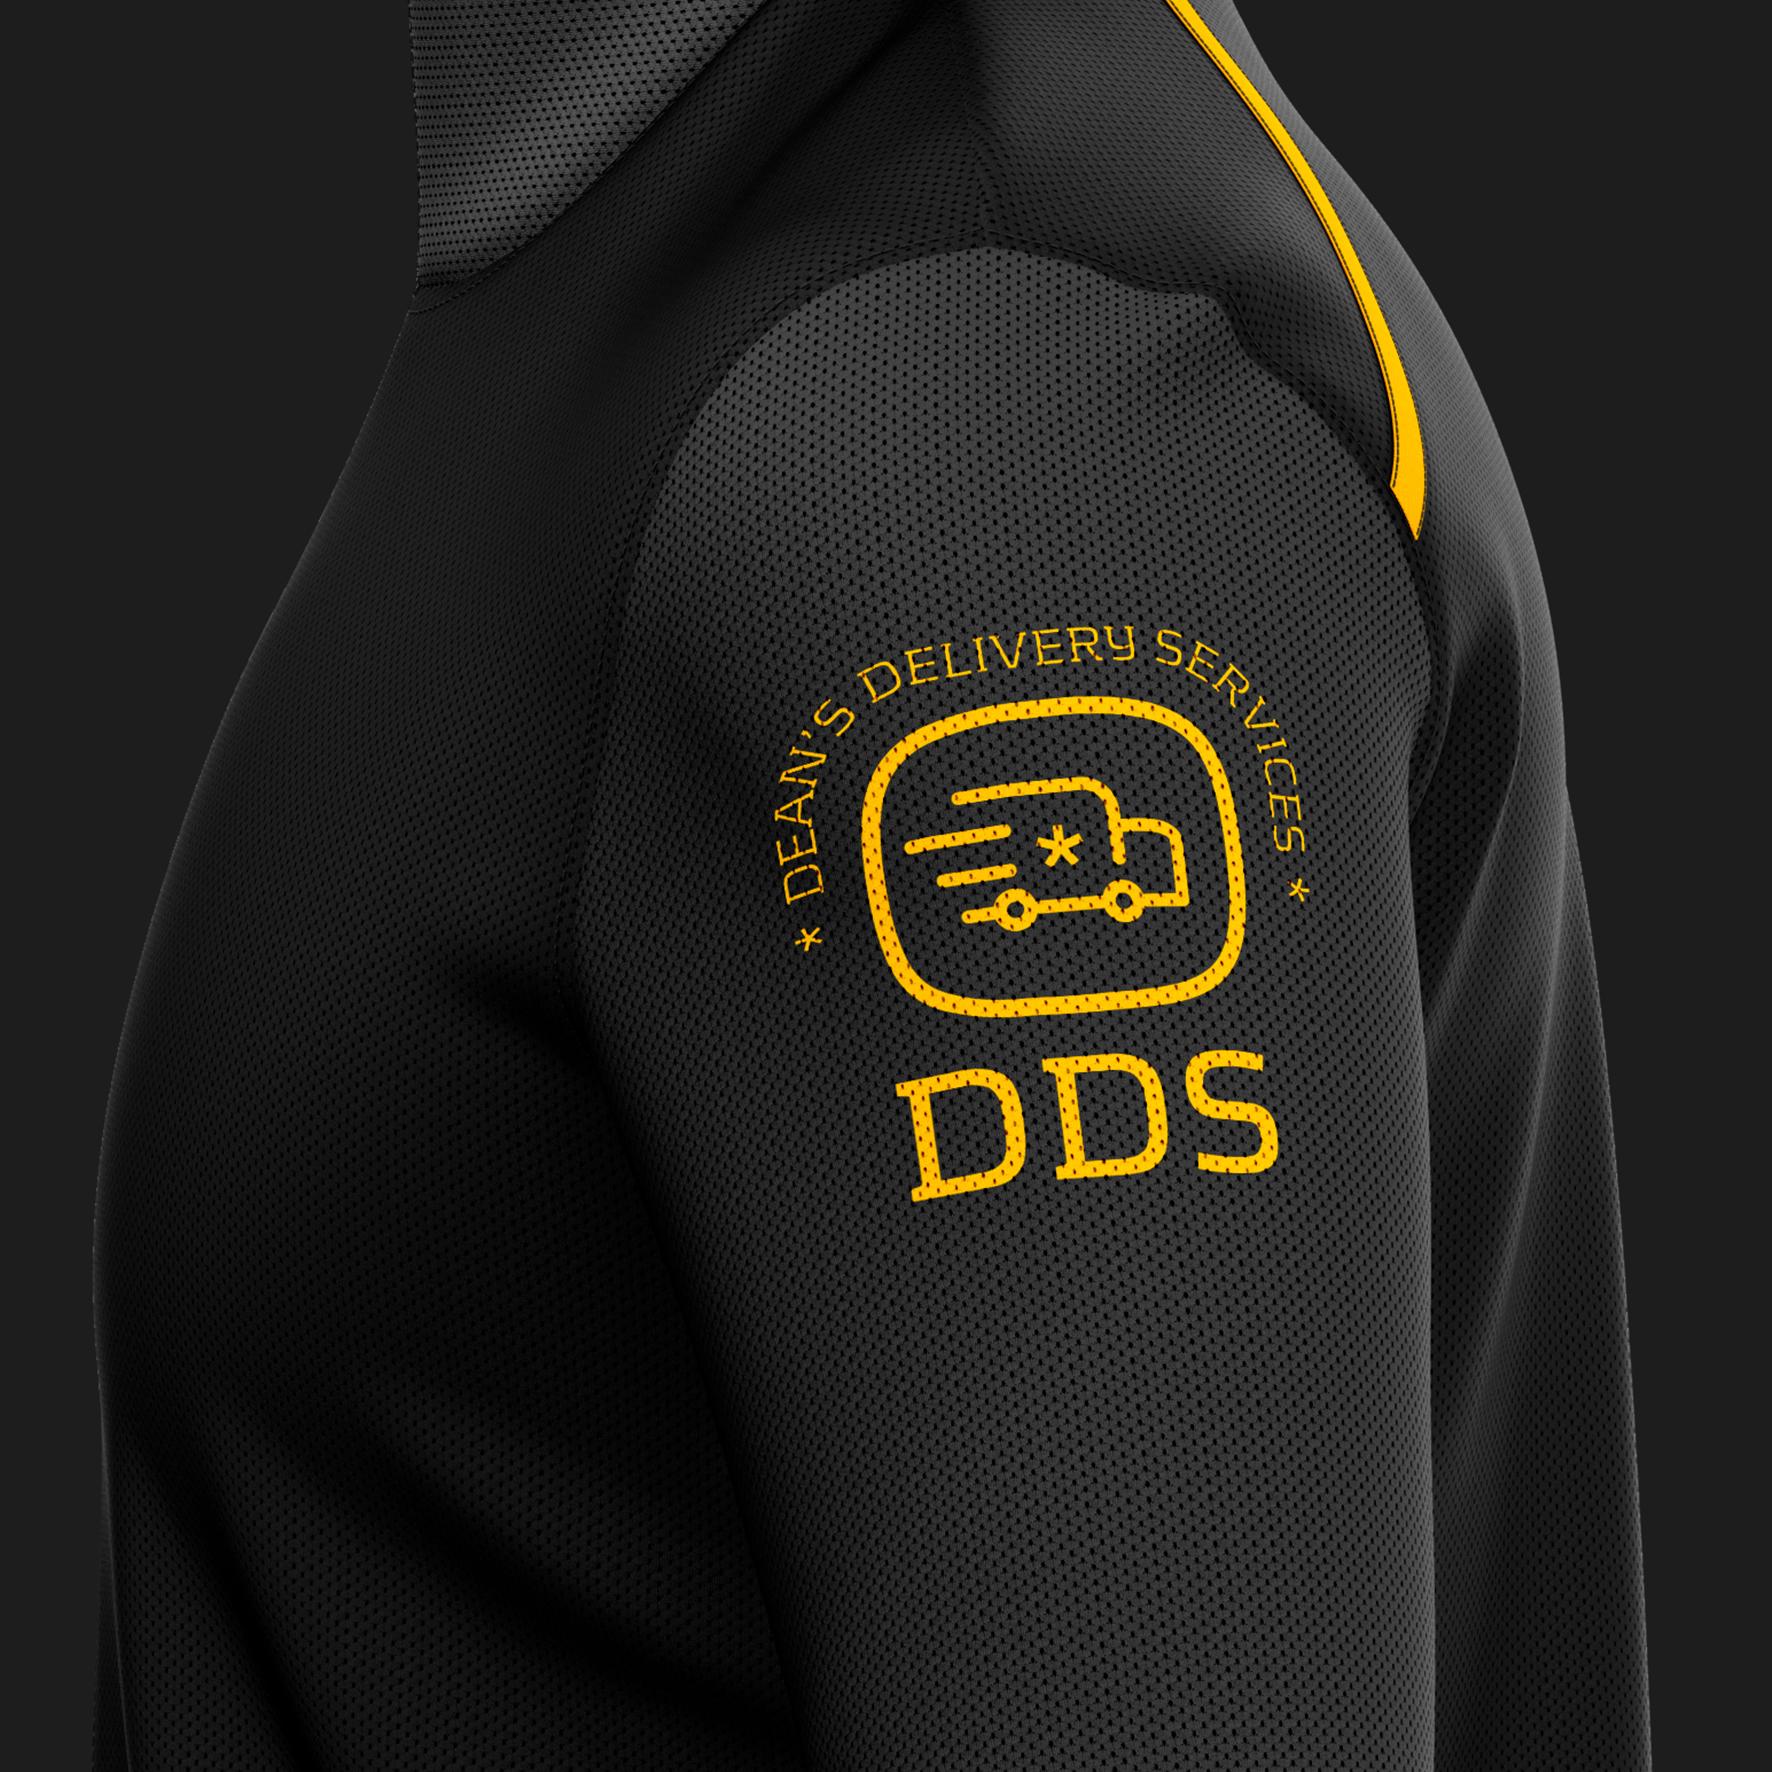 dds-4